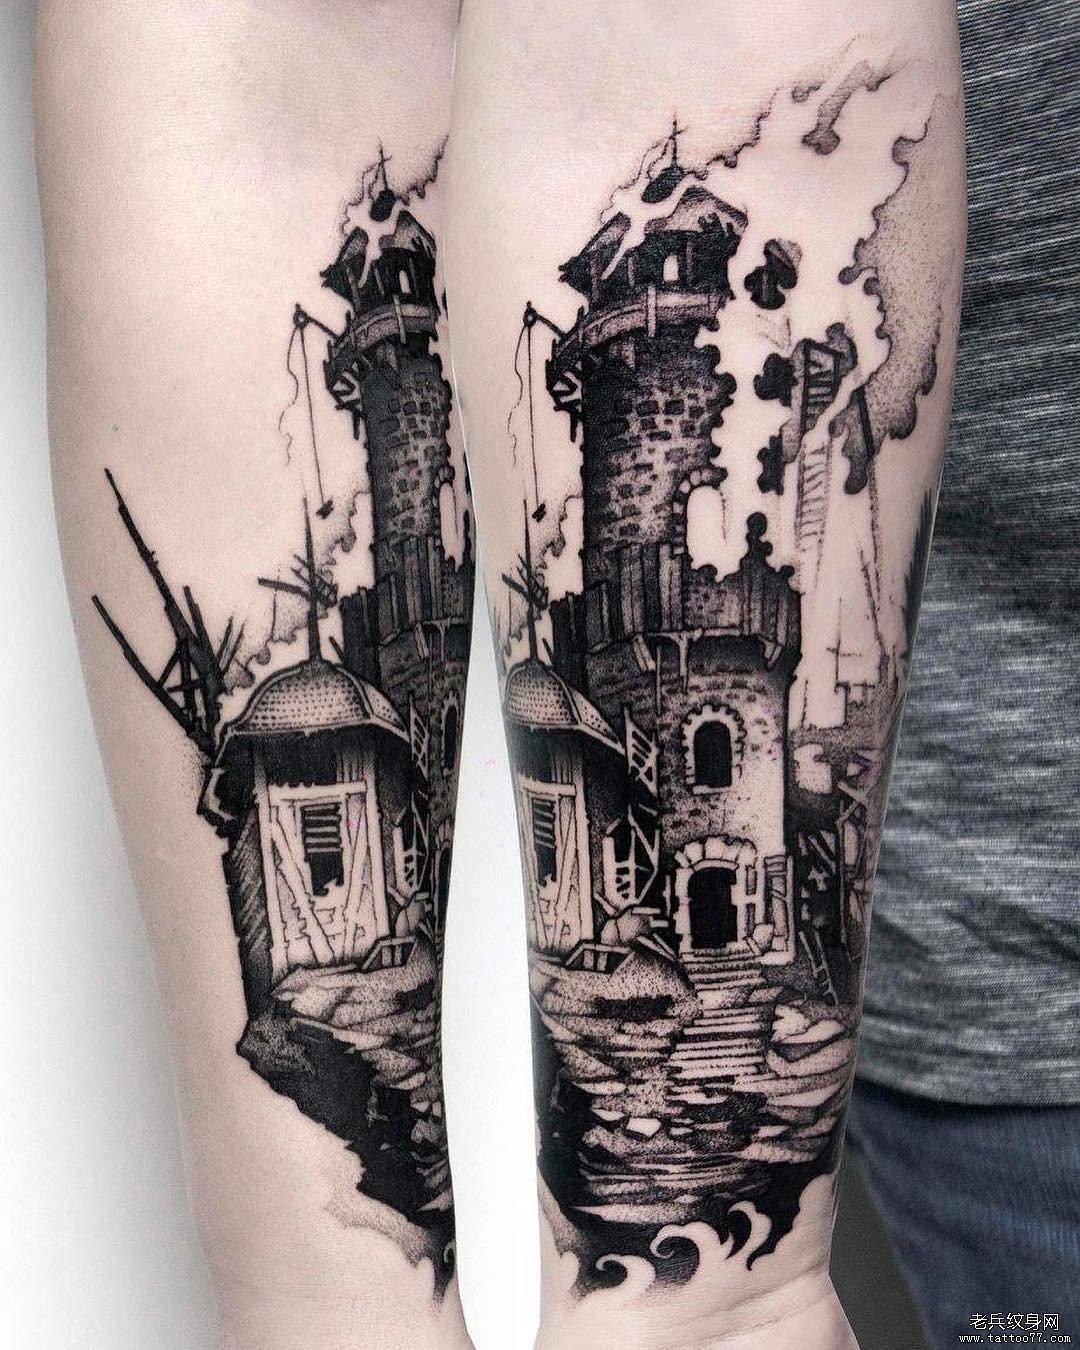 暂停播放          线条城堡纹身手稿          黑灰天使侧腰纹身图案